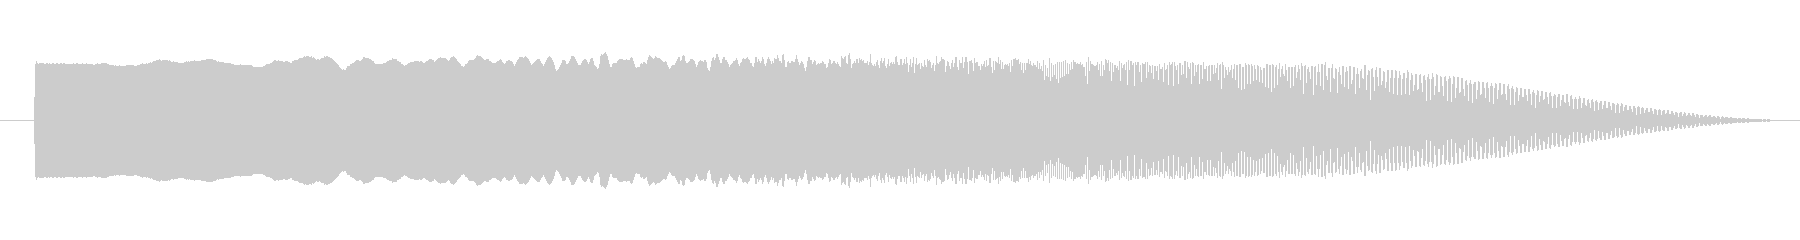 素材 シズルサインドロップ02の未再生の波形